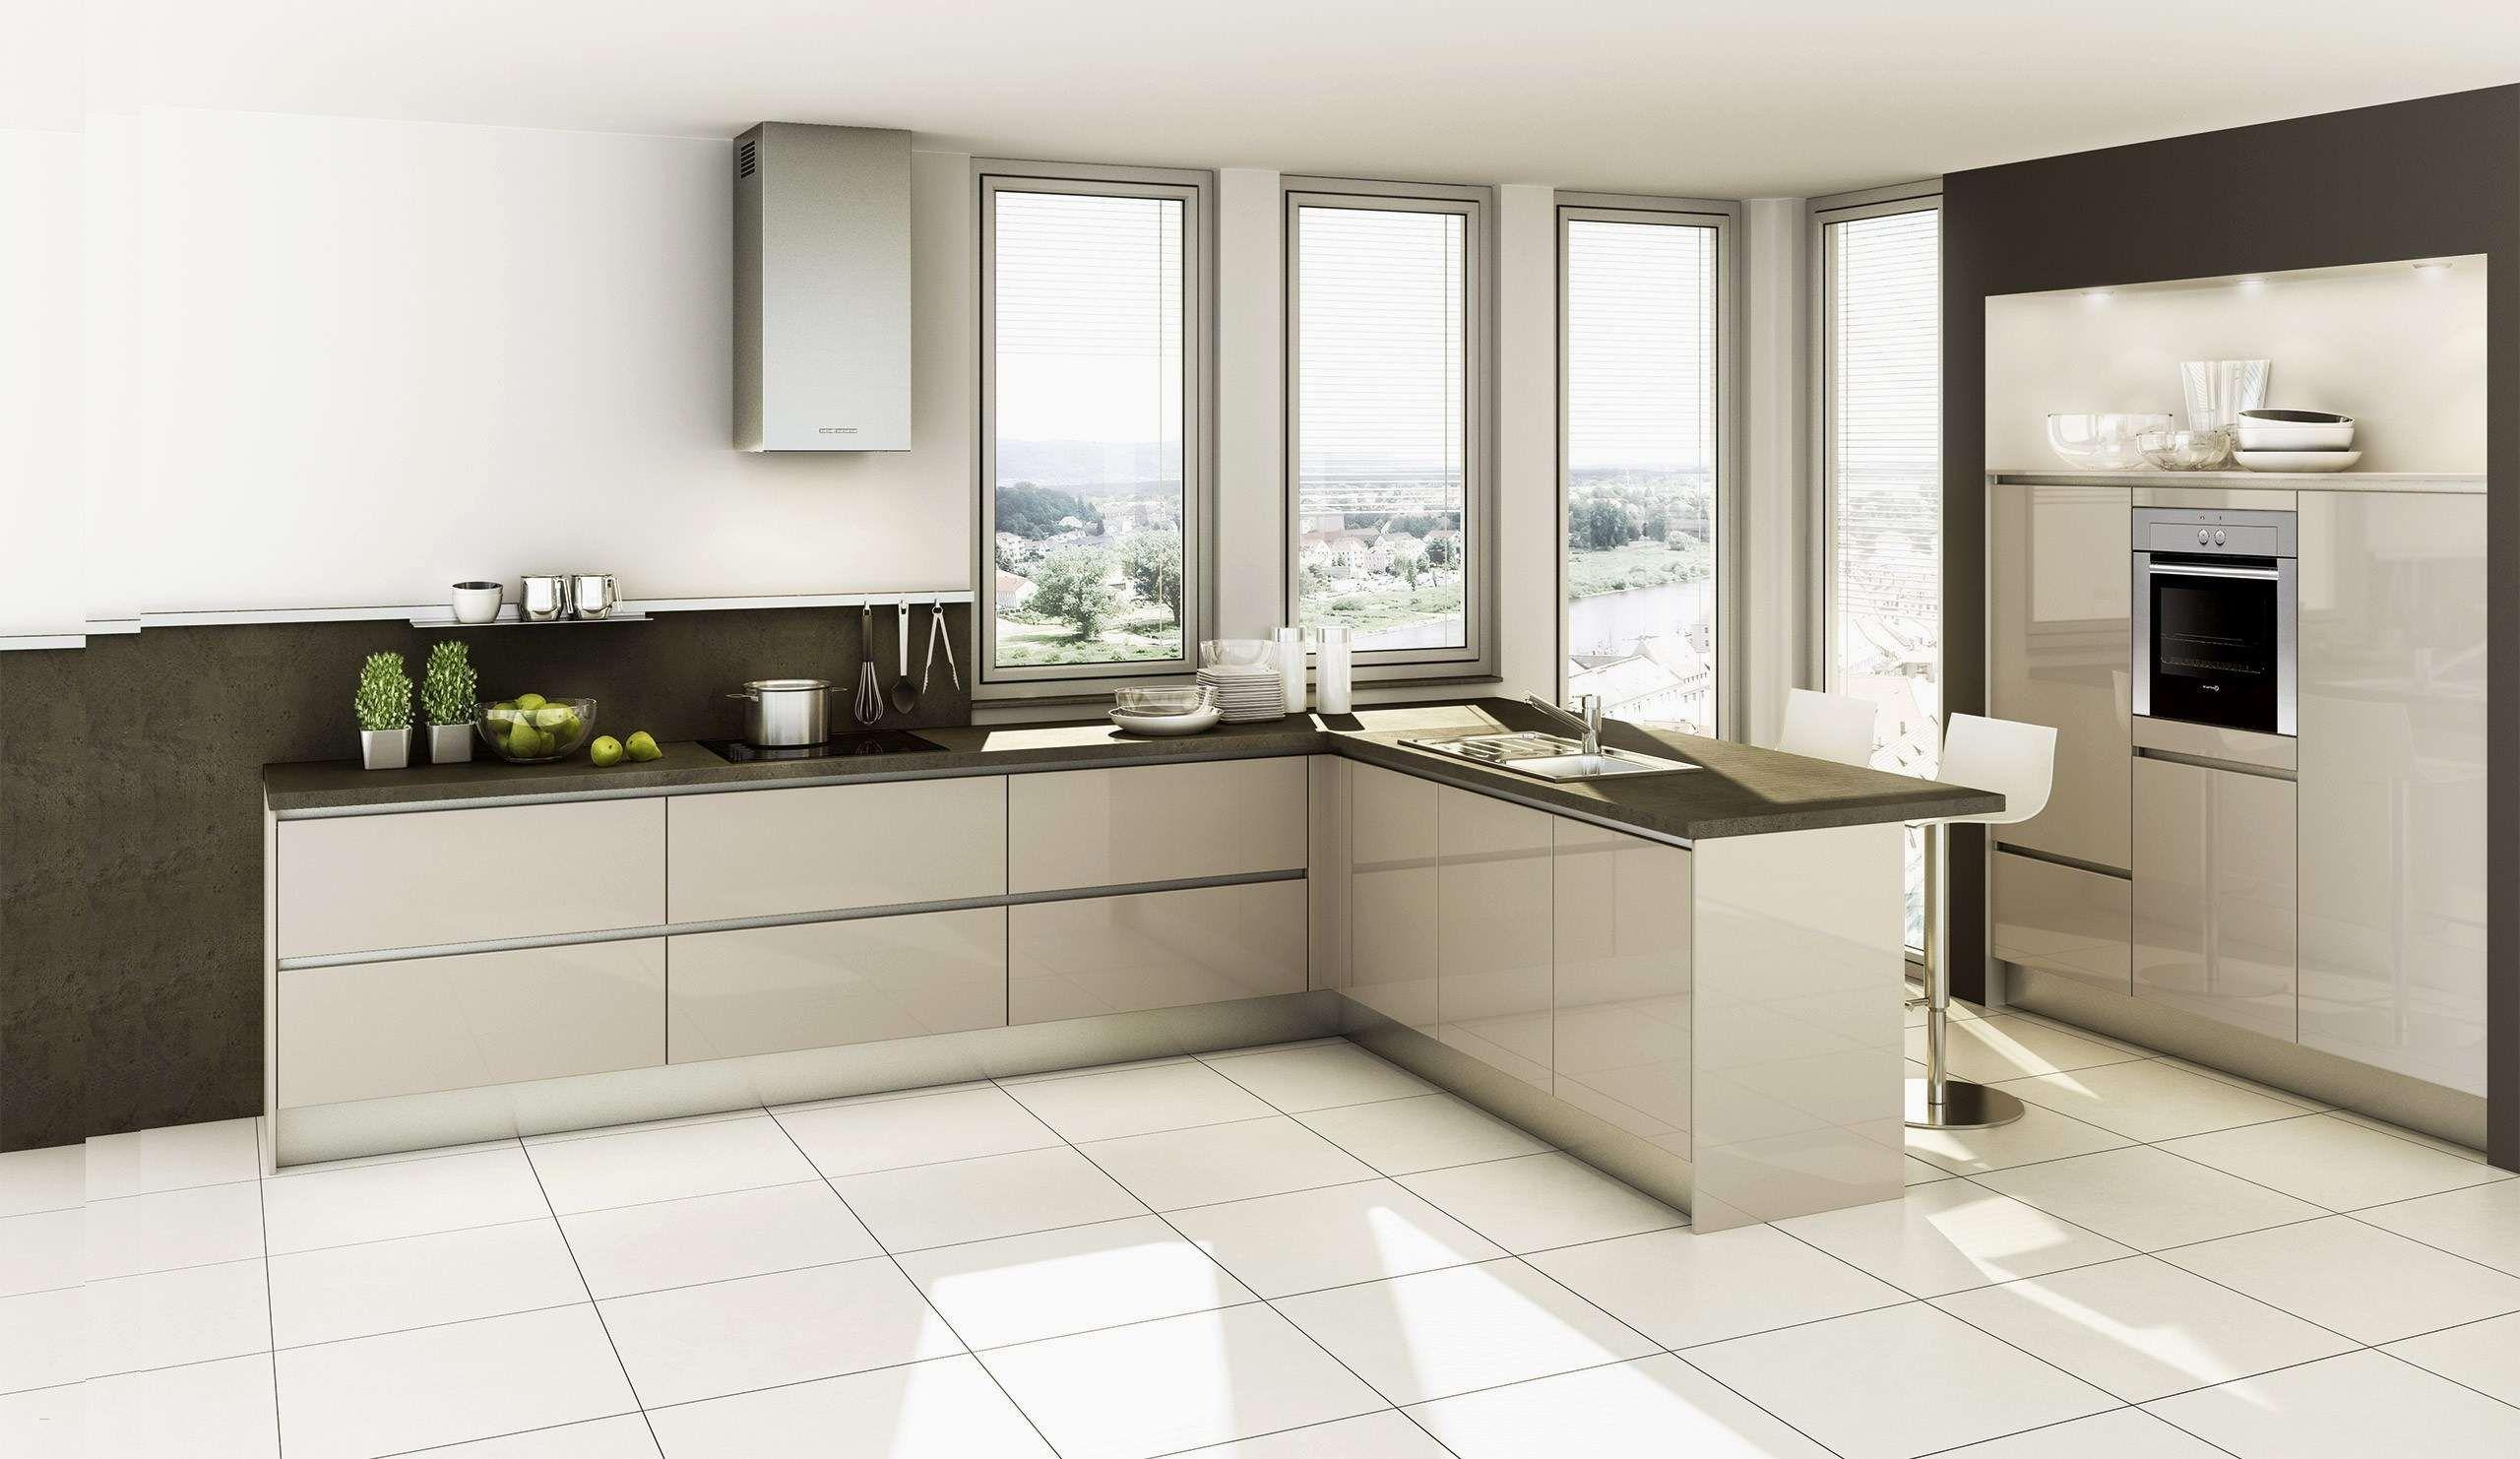 Full Size of Ikea Stühle Küche 25 Exclusive Gastro Küche Gebraucht Luxus Küche Küche Selber Planen